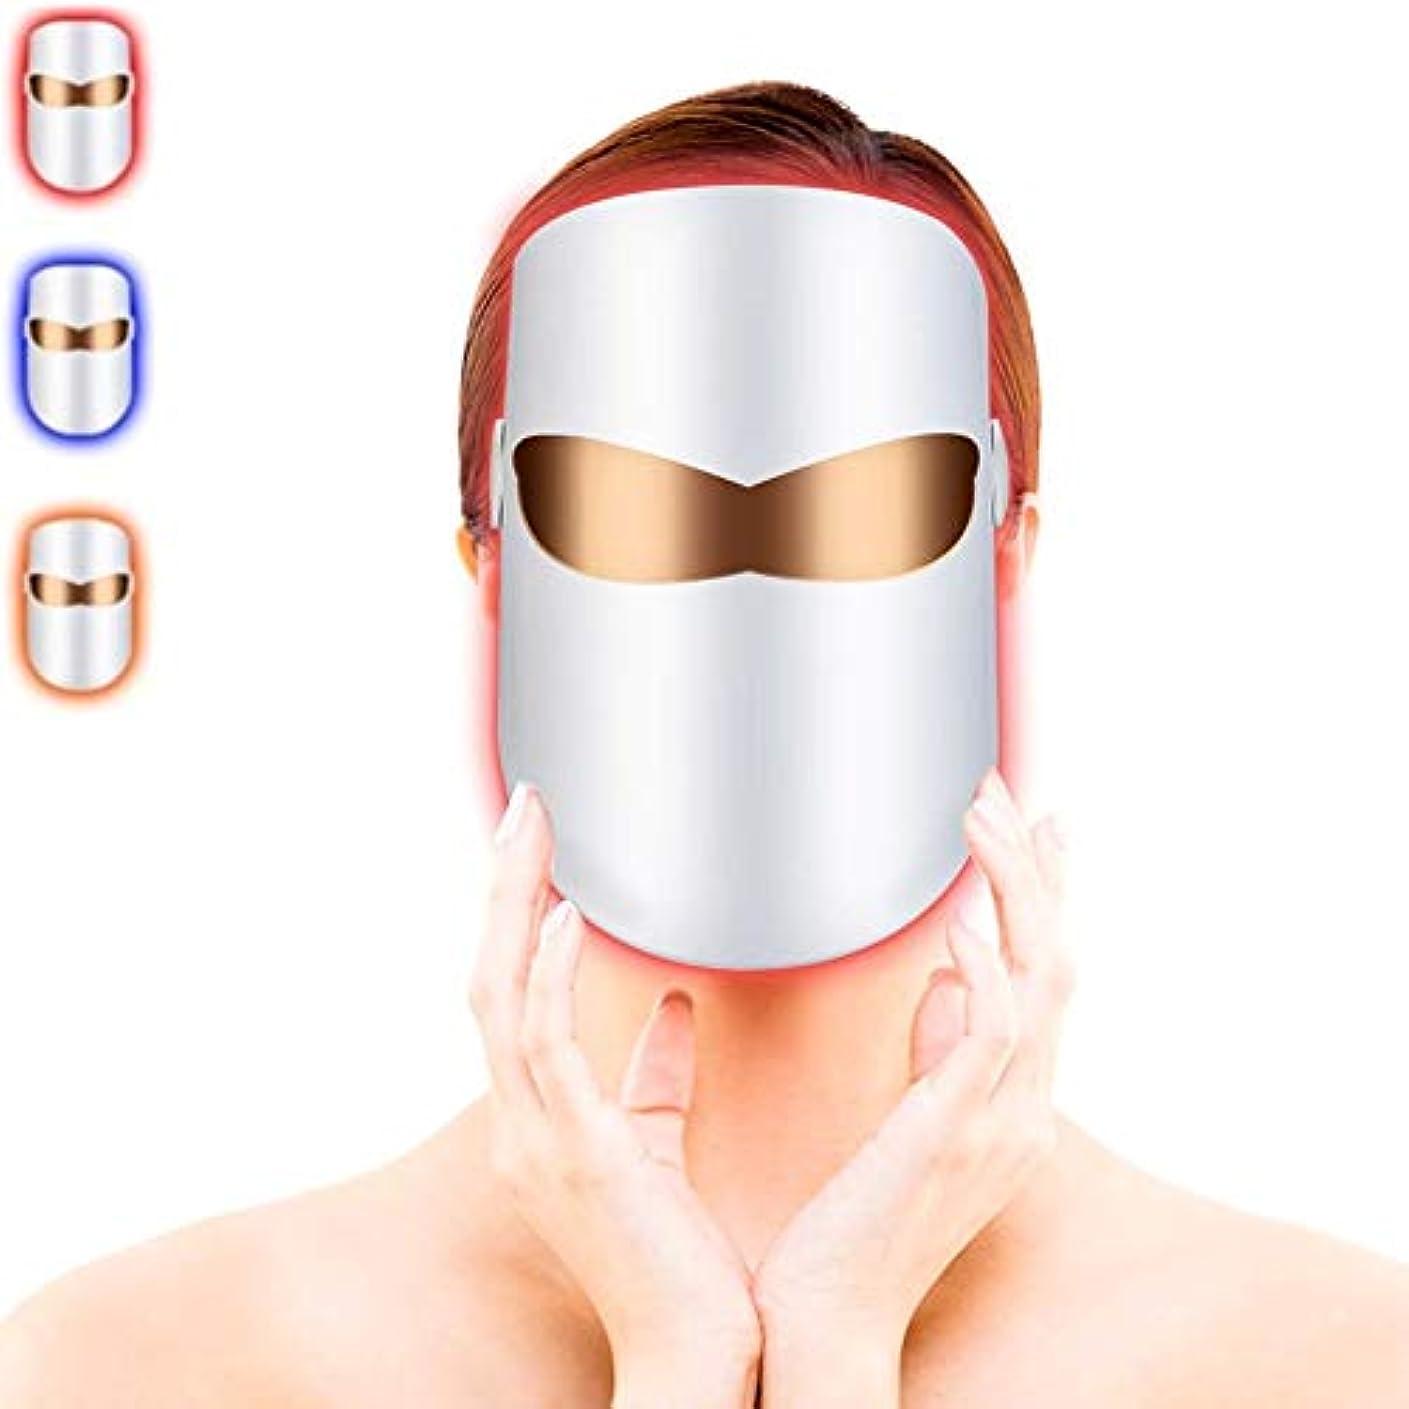 リング駅フレッシュLEDフェイシャルマスク、ライトセラピーフェイスマスクにきび治療、LEDフォトンセラピーフェイシャル美容マスクにきびスポットのしわコラーゲンコラーゲンスキンケアの若返りのための無制限の治療